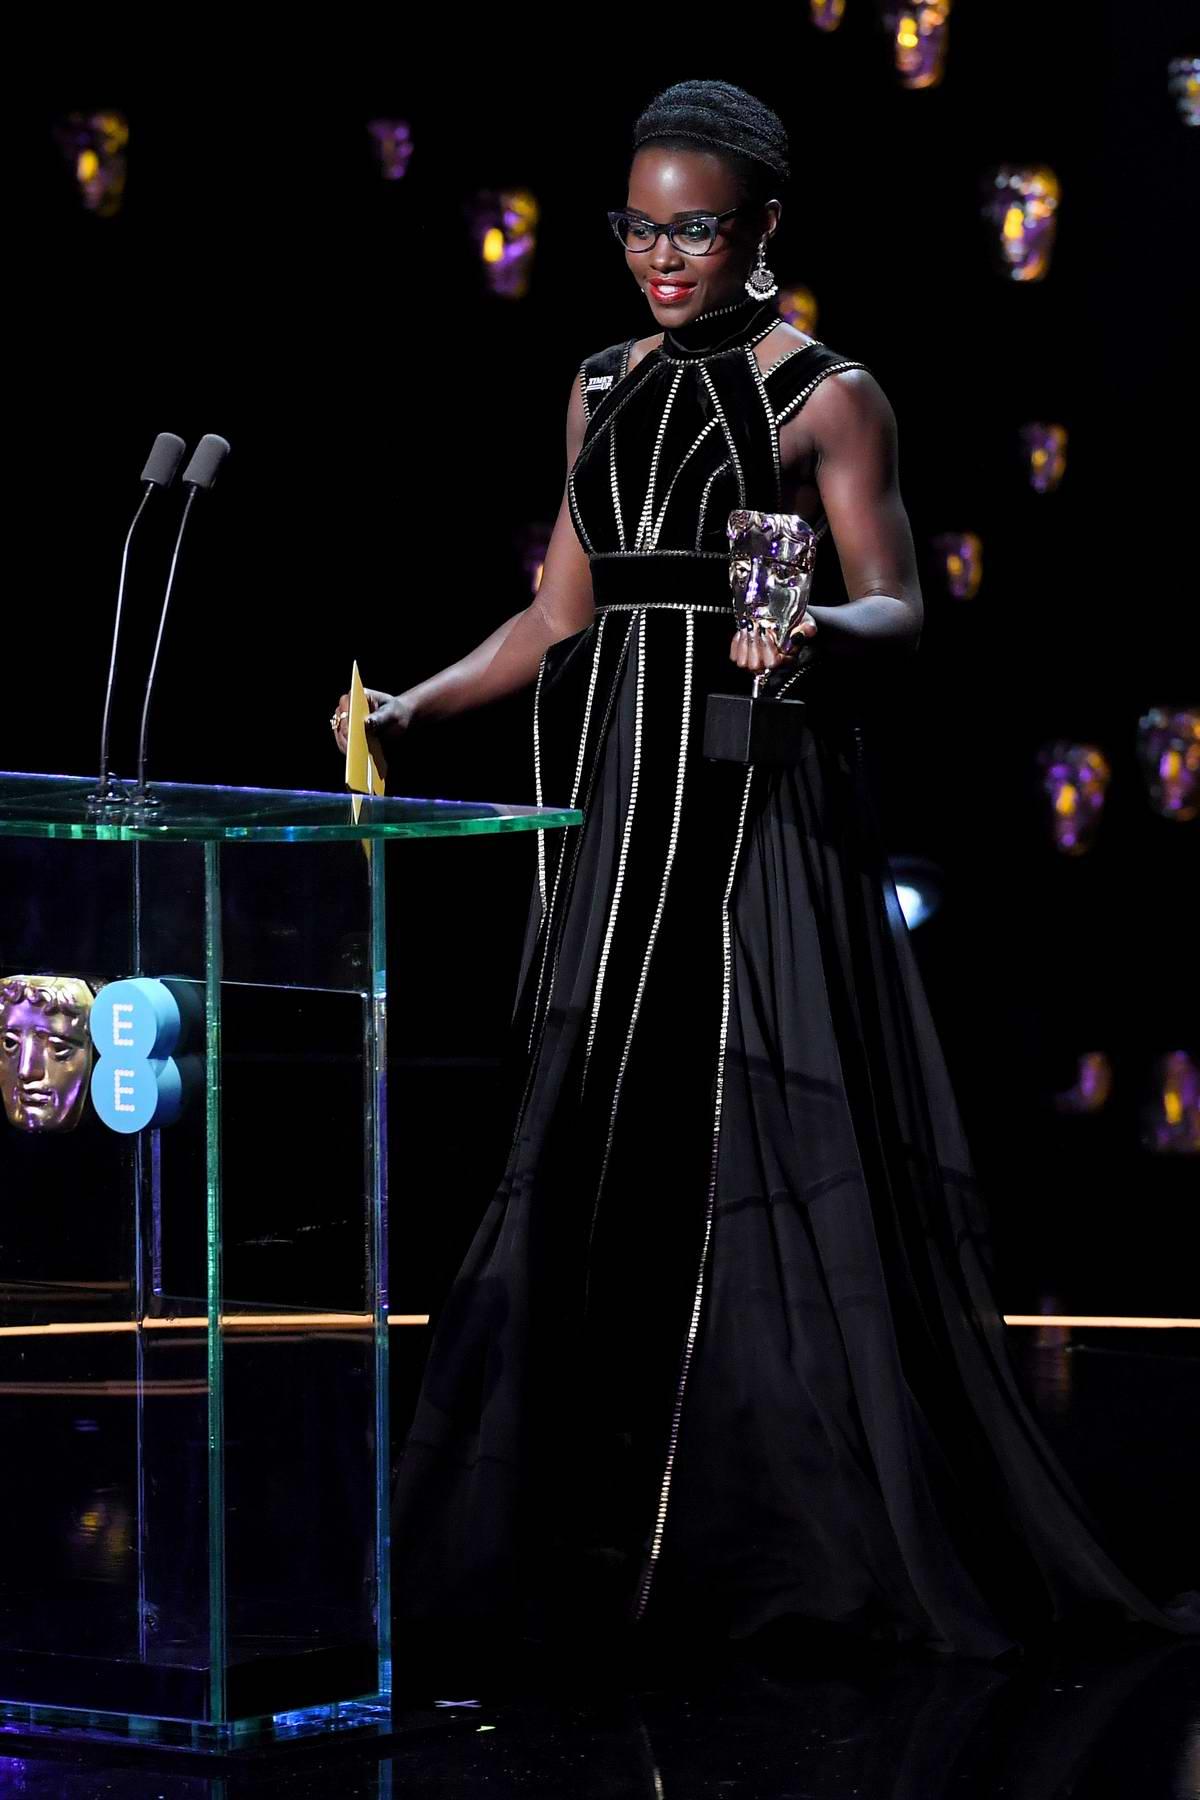 Lupita Nyong'o attends 71st British Academy Film Awards at Royal Albert Hall in London